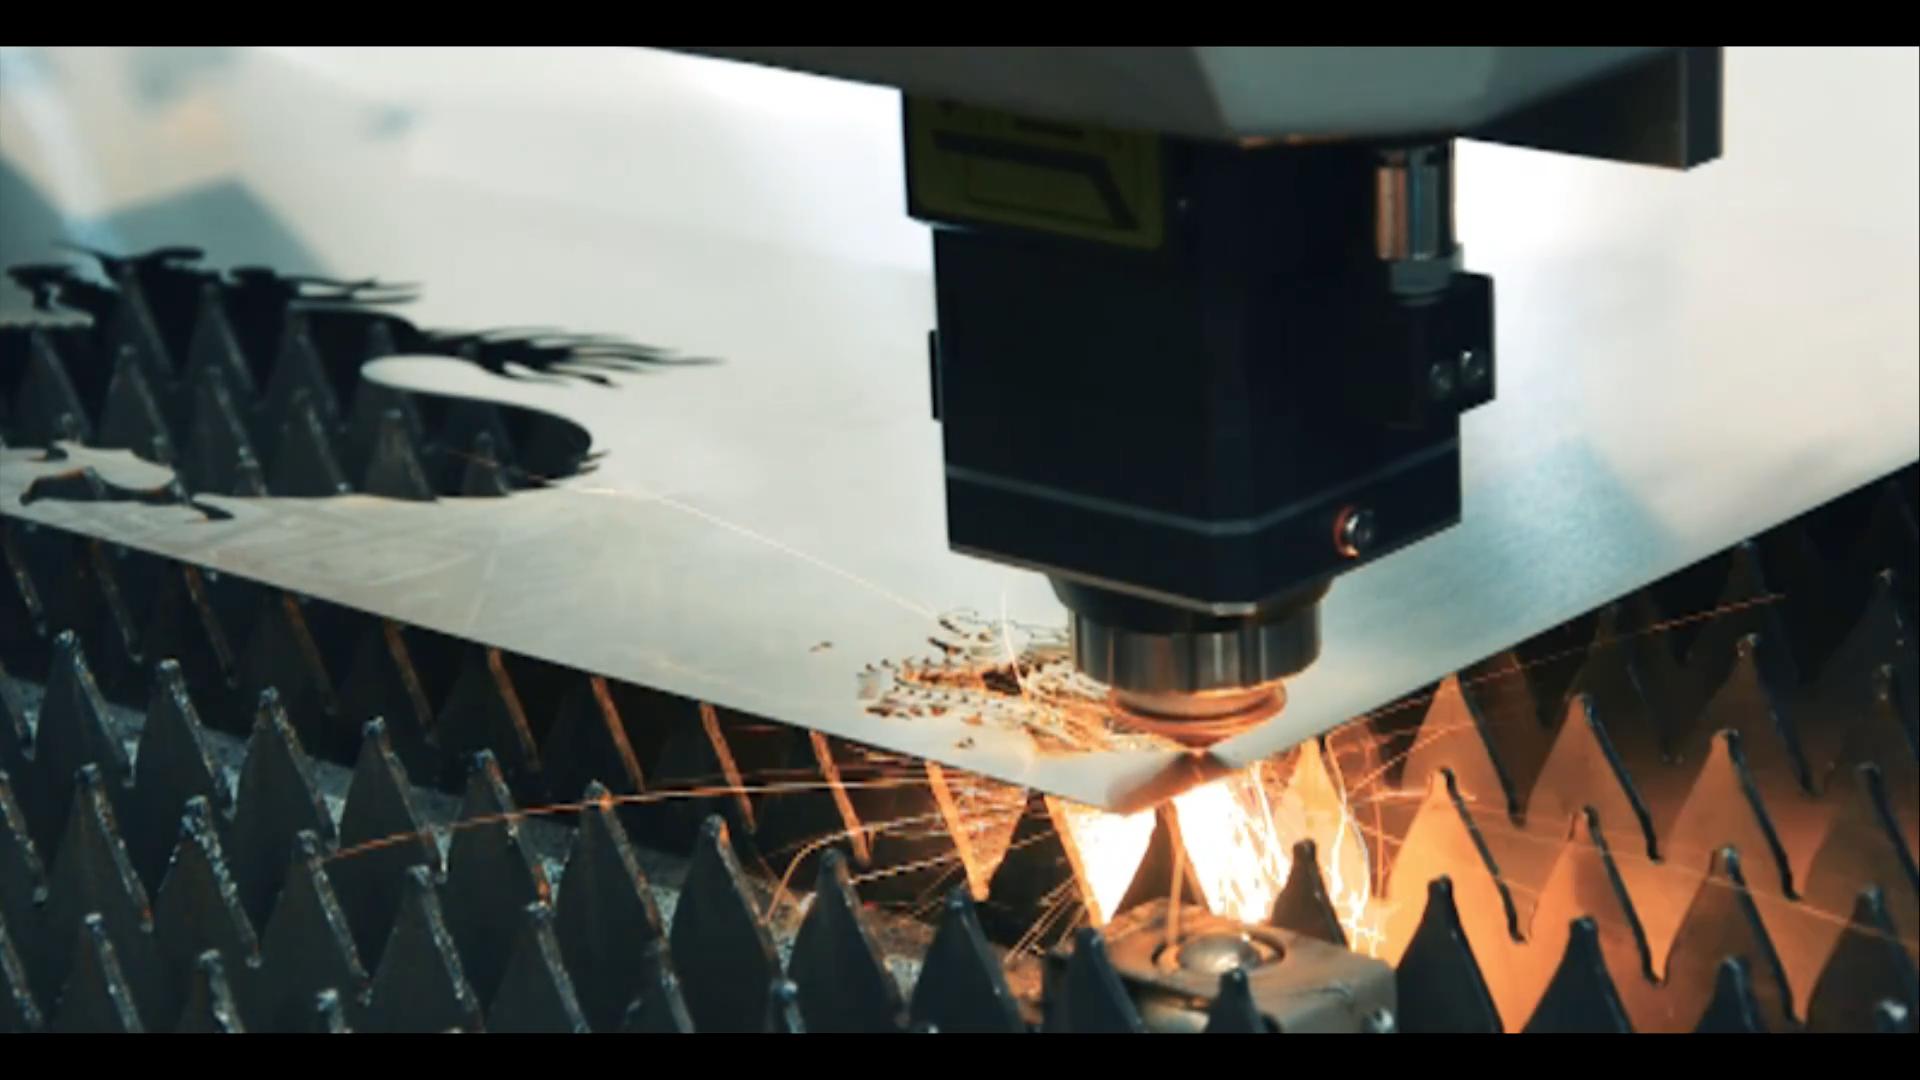 ABN 1000w 2000w آلة تقطيع بالليزر كيفية استخدام جعله يعمل الألياف